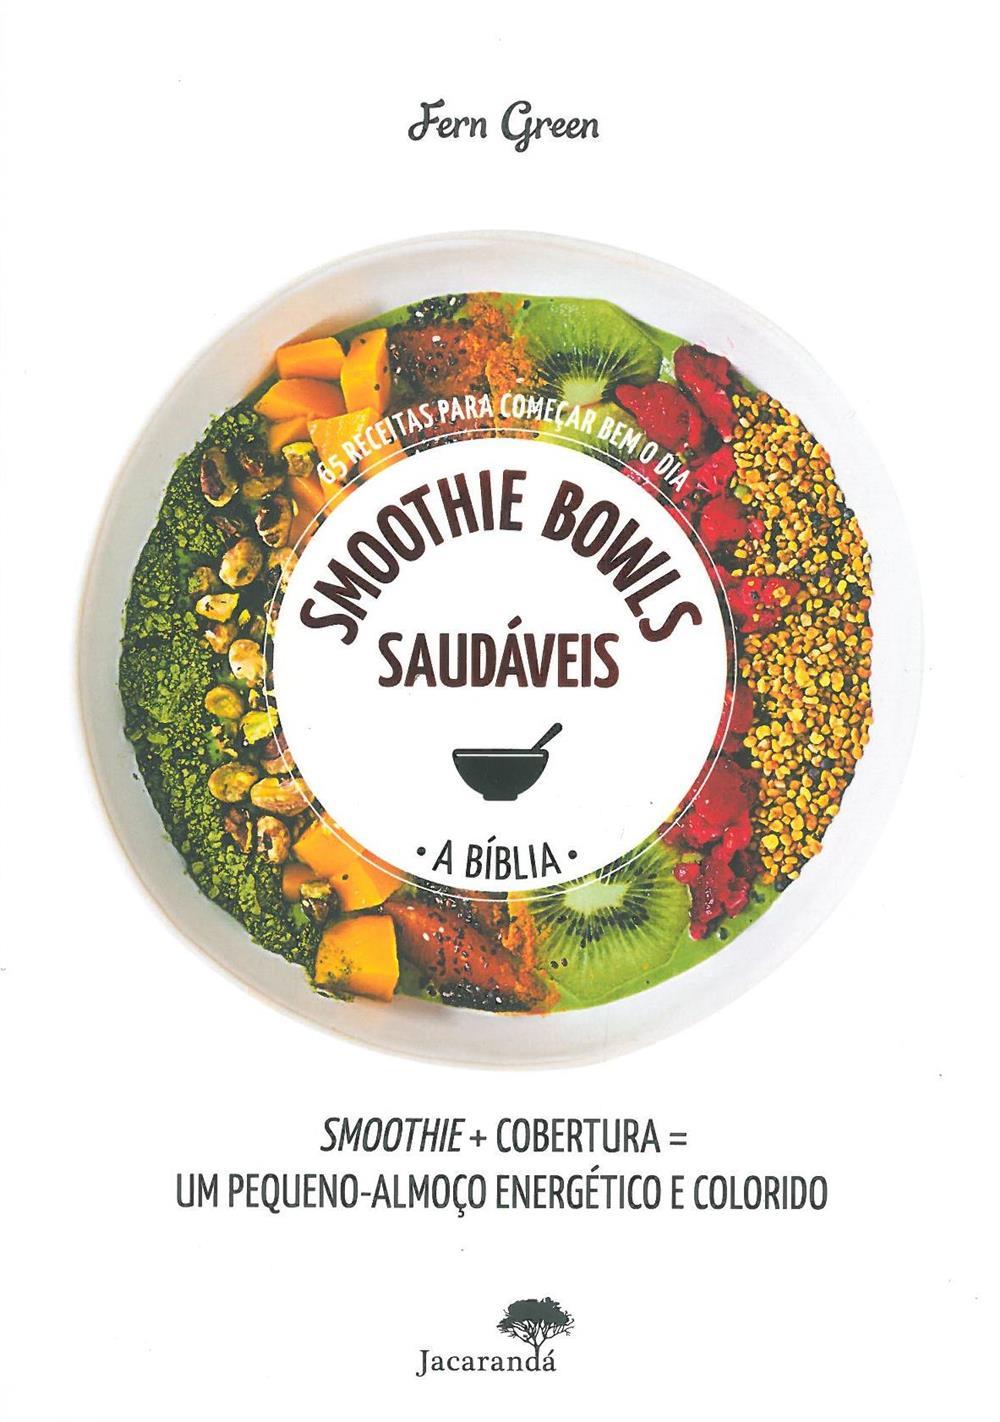 Smoothie bowls saudáveis_.jpg